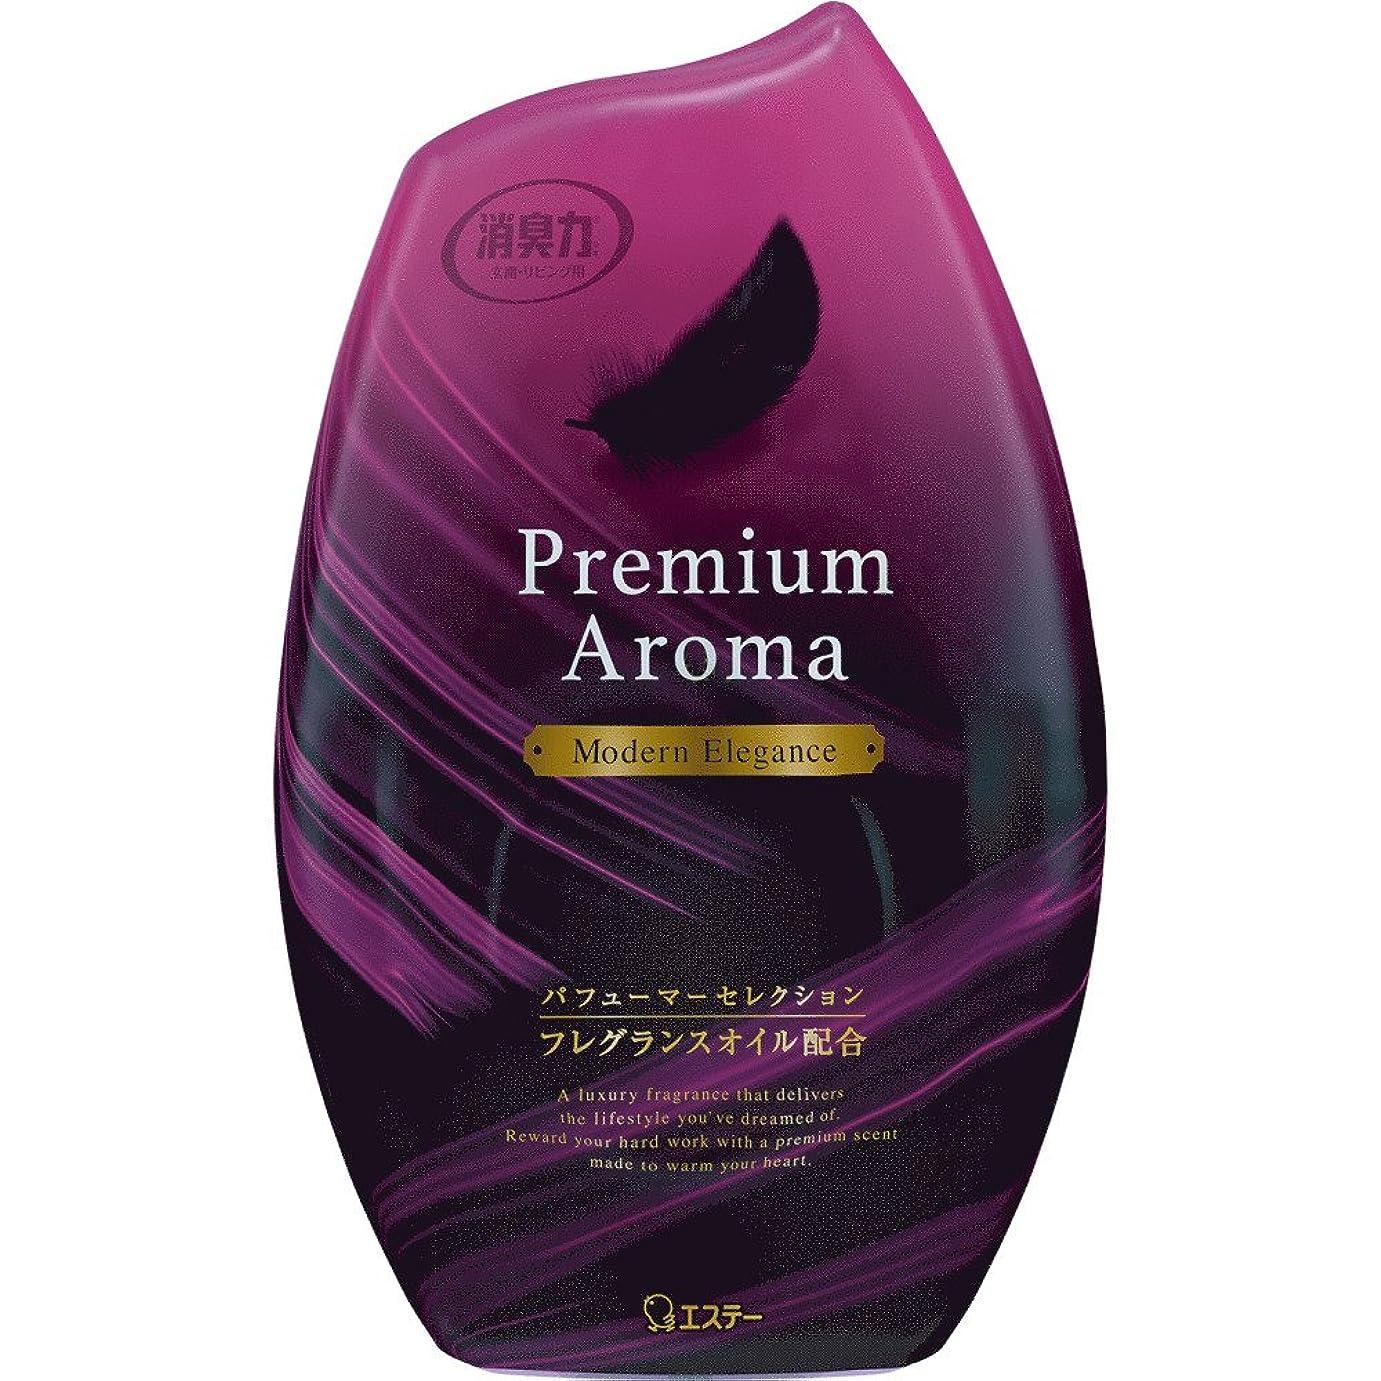 お部屋の消臭力 プレミアムアロマ Premium Aroma 消臭芳香剤 部屋用 部屋 モダンエレガンスの香り 400ml